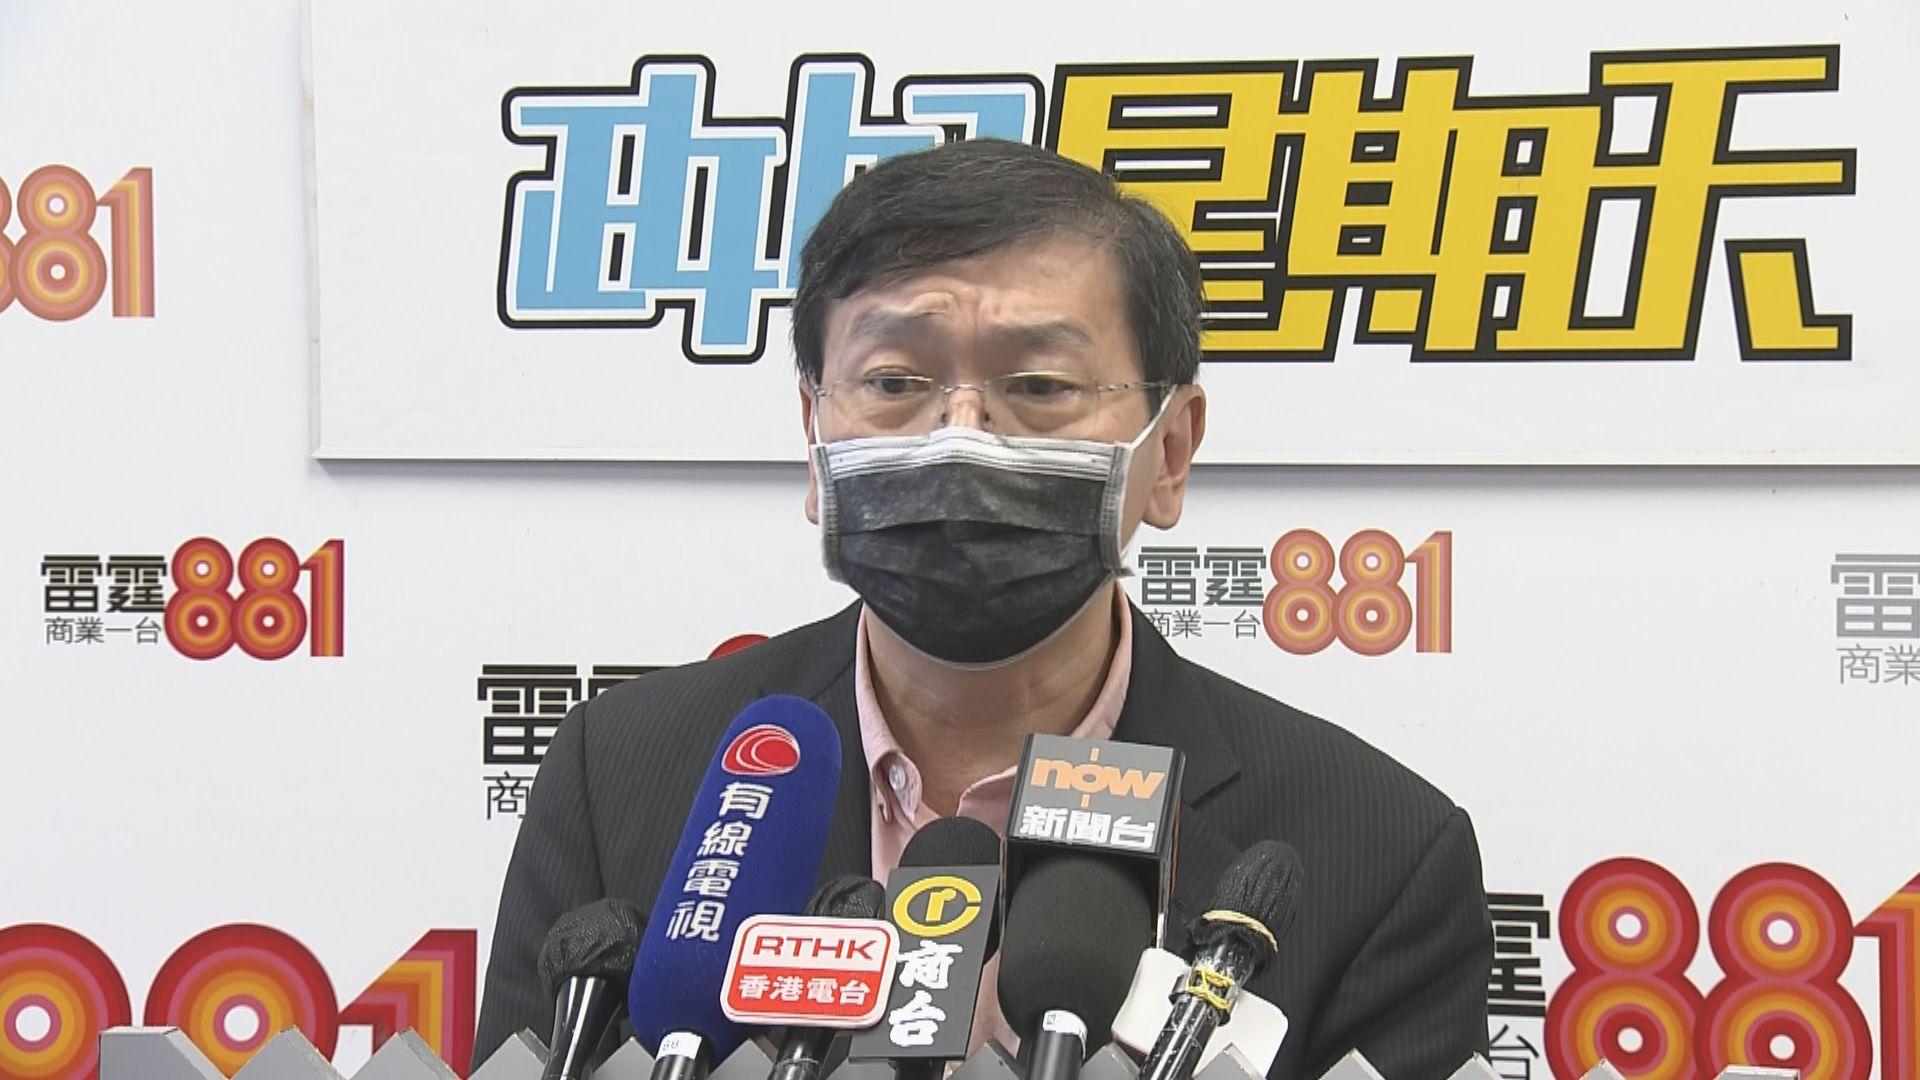 陳文敏:若因反國安法被取消參選資格不合理